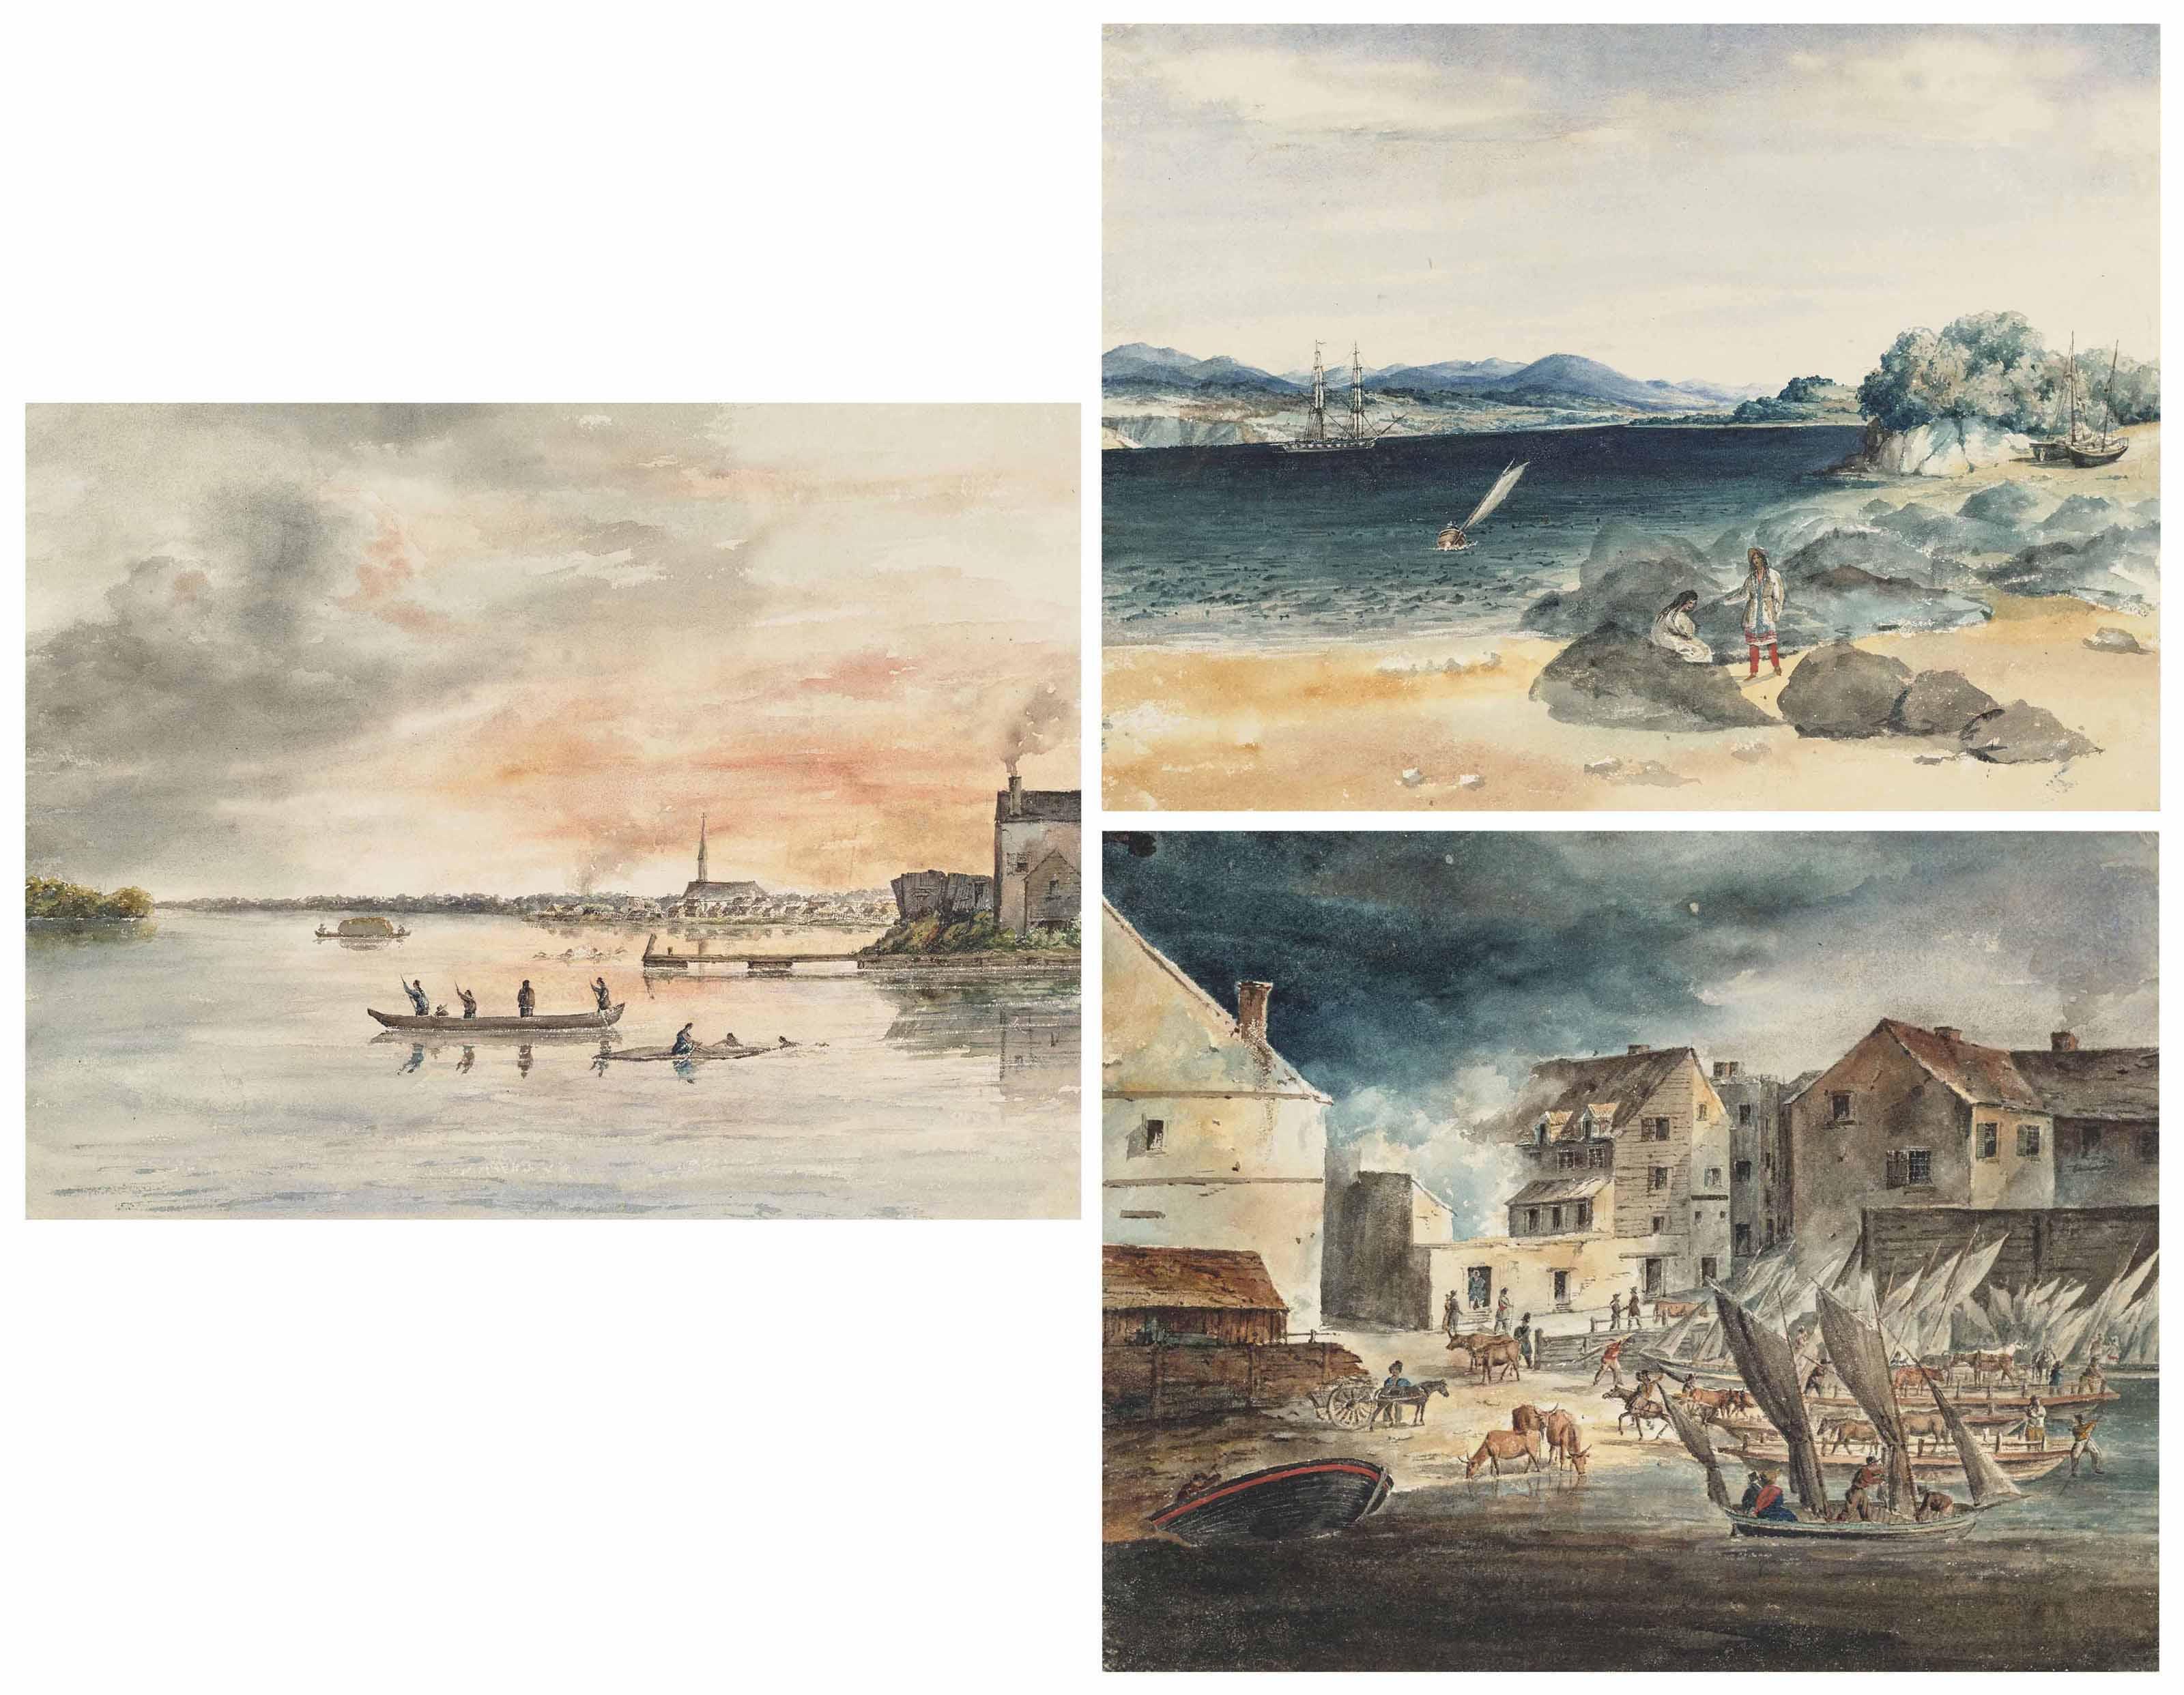 Vues dessinés d'après Nature dans mon voyage aux Etats-unis de l'Amerique du Nord en 1831. – Canada